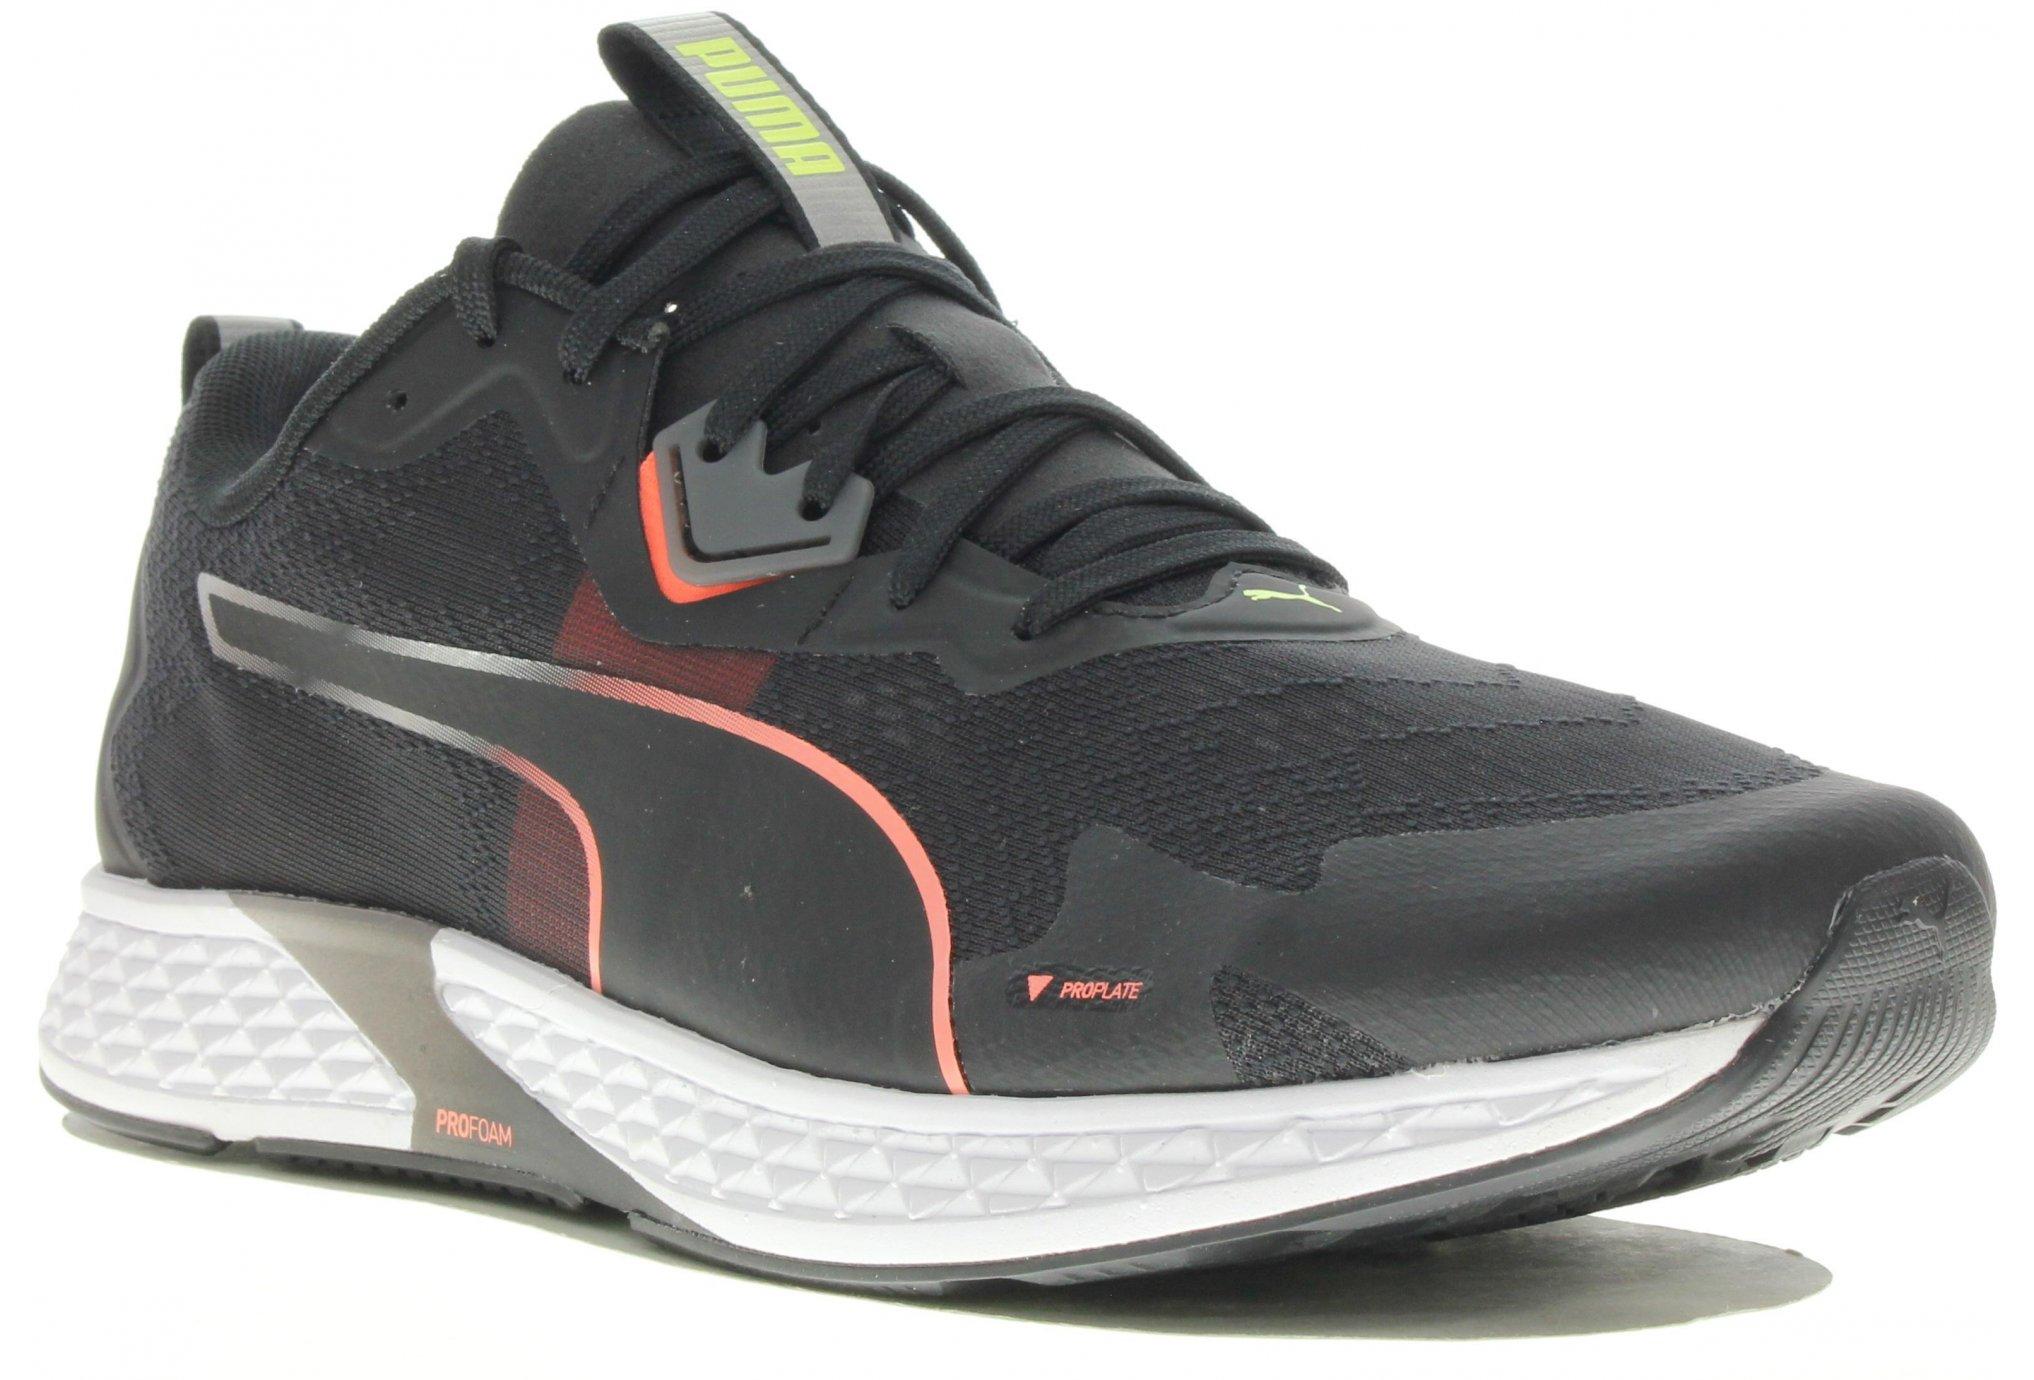 Puma Speed 500 2 M Diététique Chaussures homme